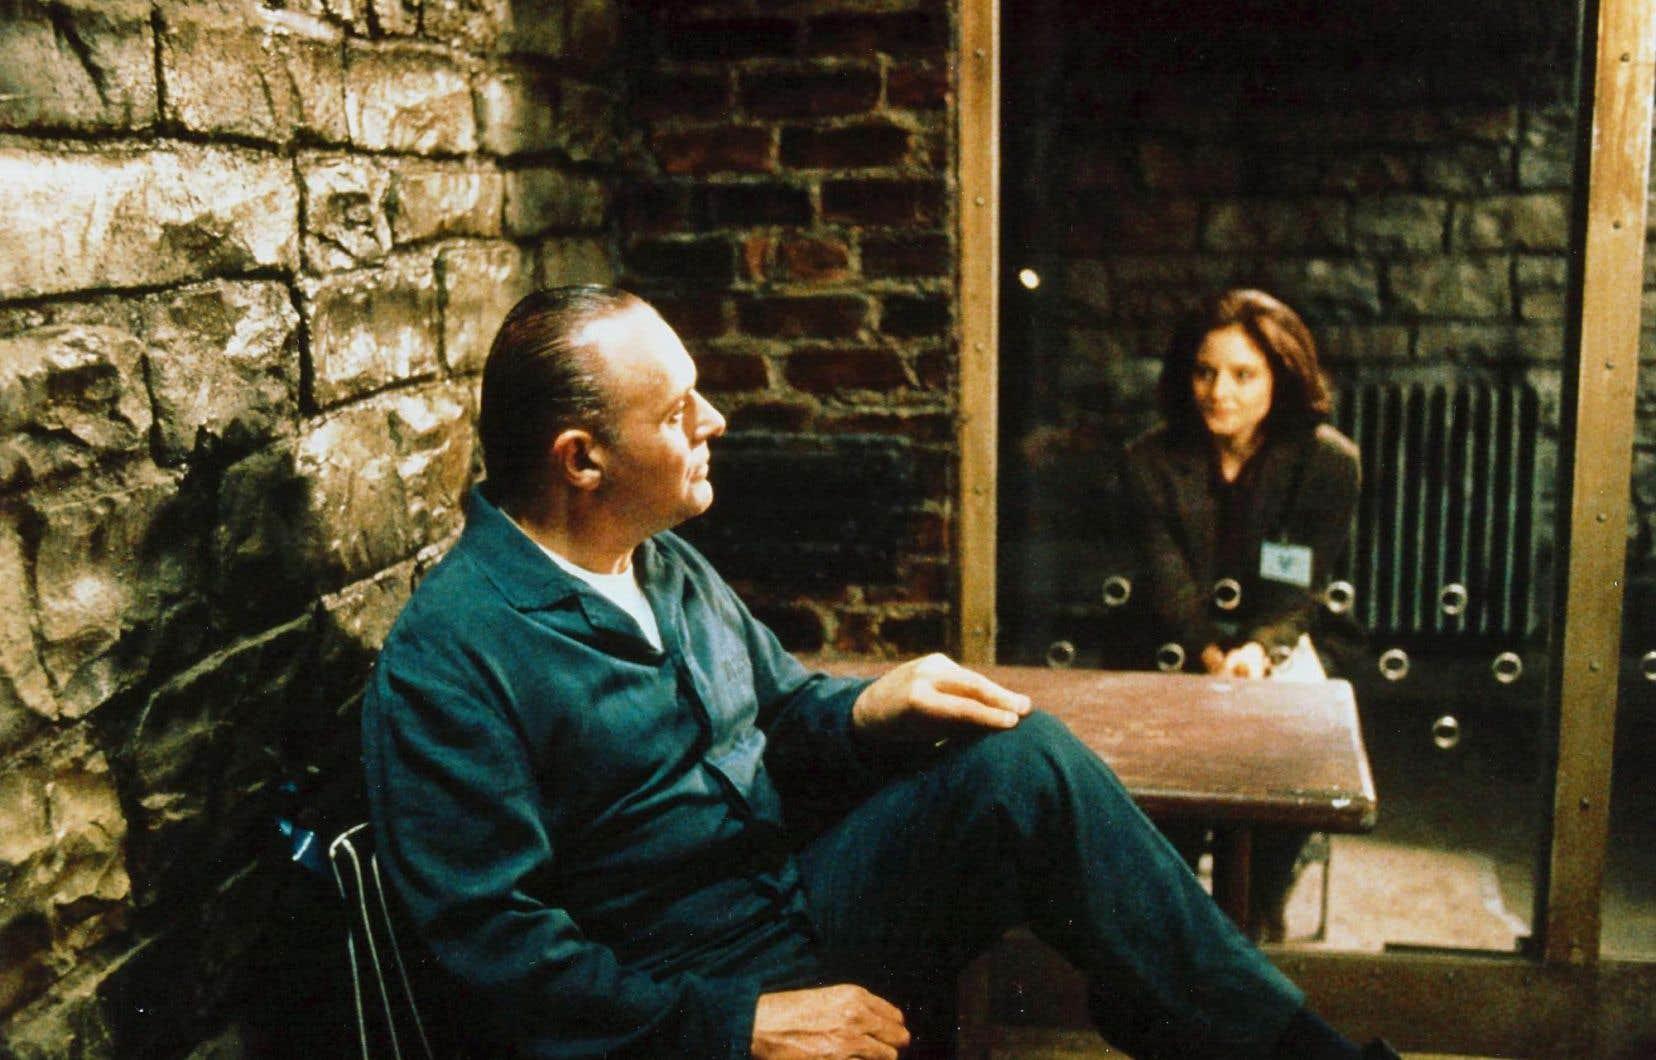 Le film valut à Anthony Hopkins et Jodie Foster les Oscar d'interprétation.